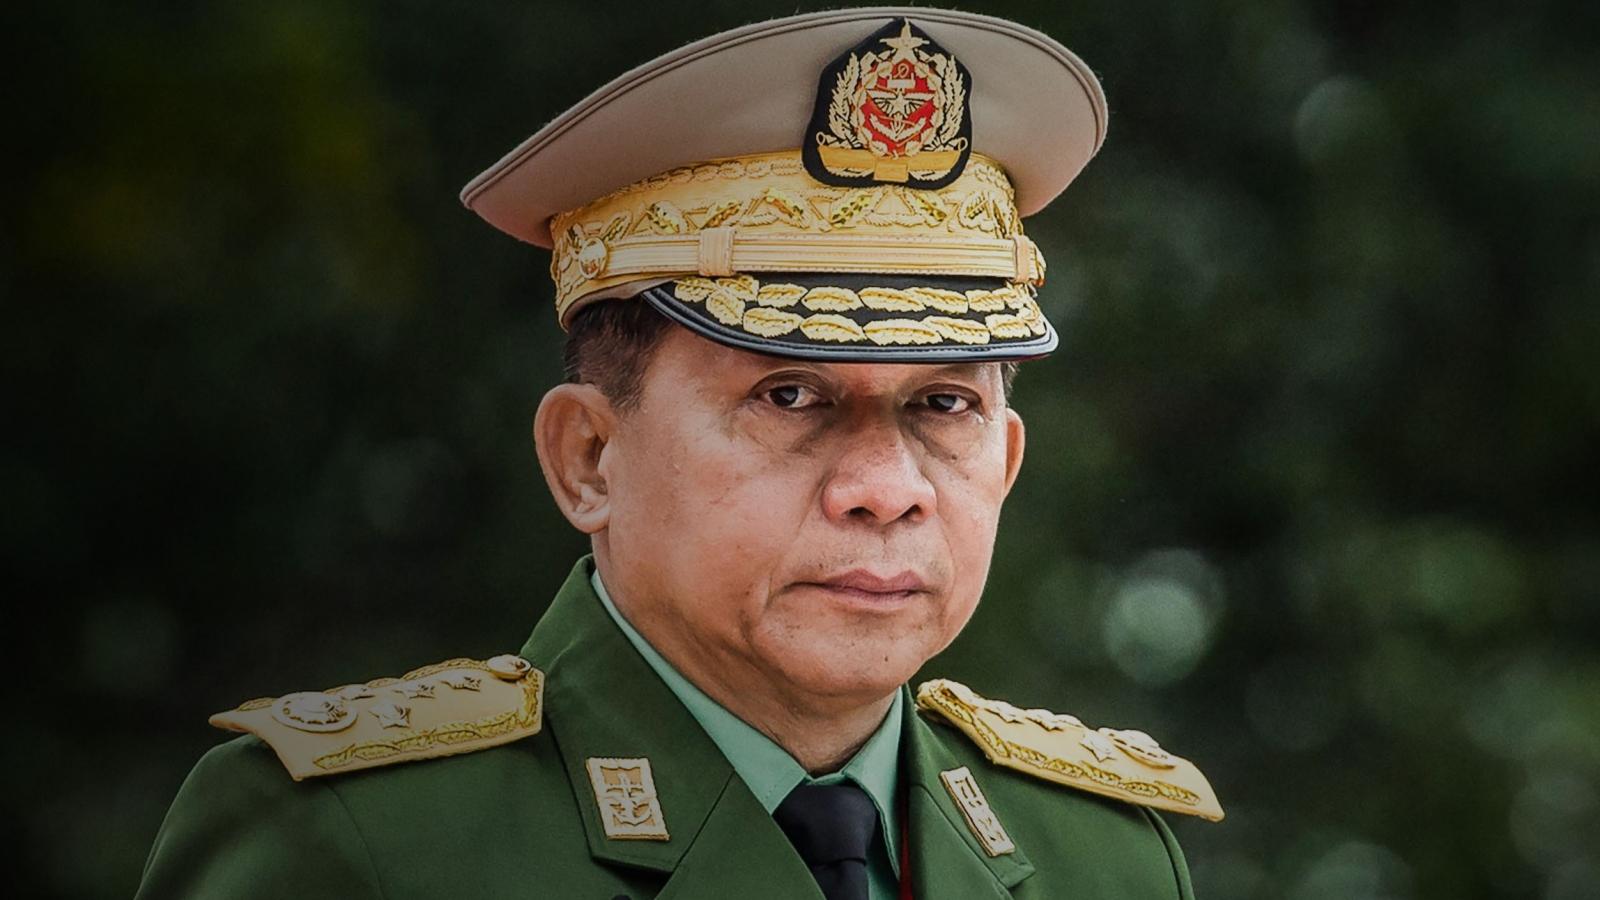 Quân đội Myanmar xác nhận Thống tướng Min Aung Hlaing dự hội nghị cấp cao ASEAN